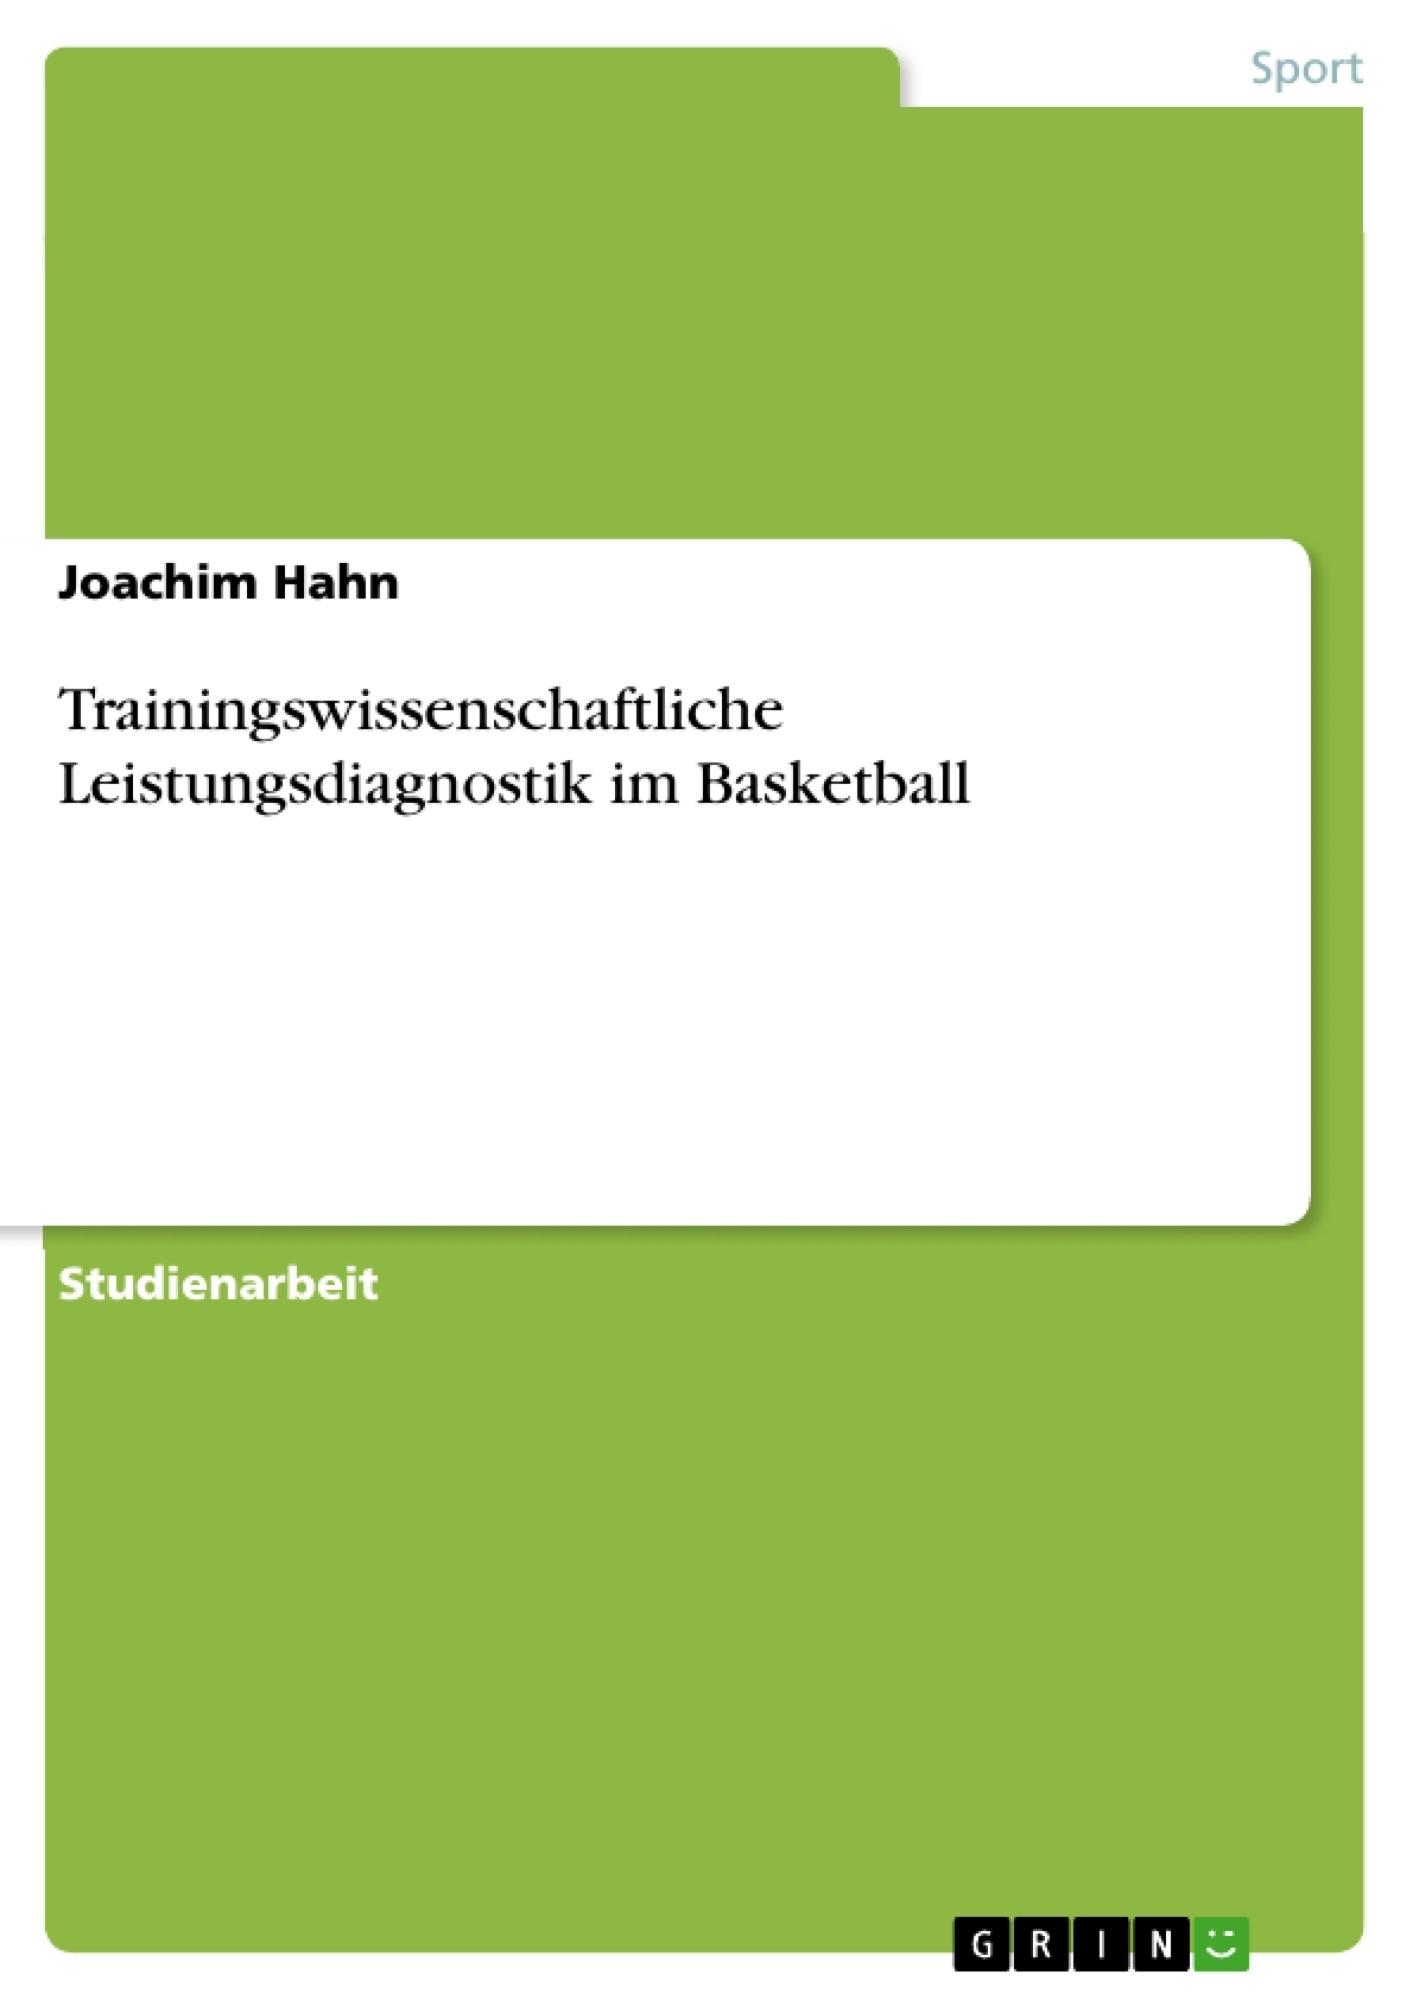 Titel: Trainingswissenschaftliche Leistungsdiagnostik im Basketball